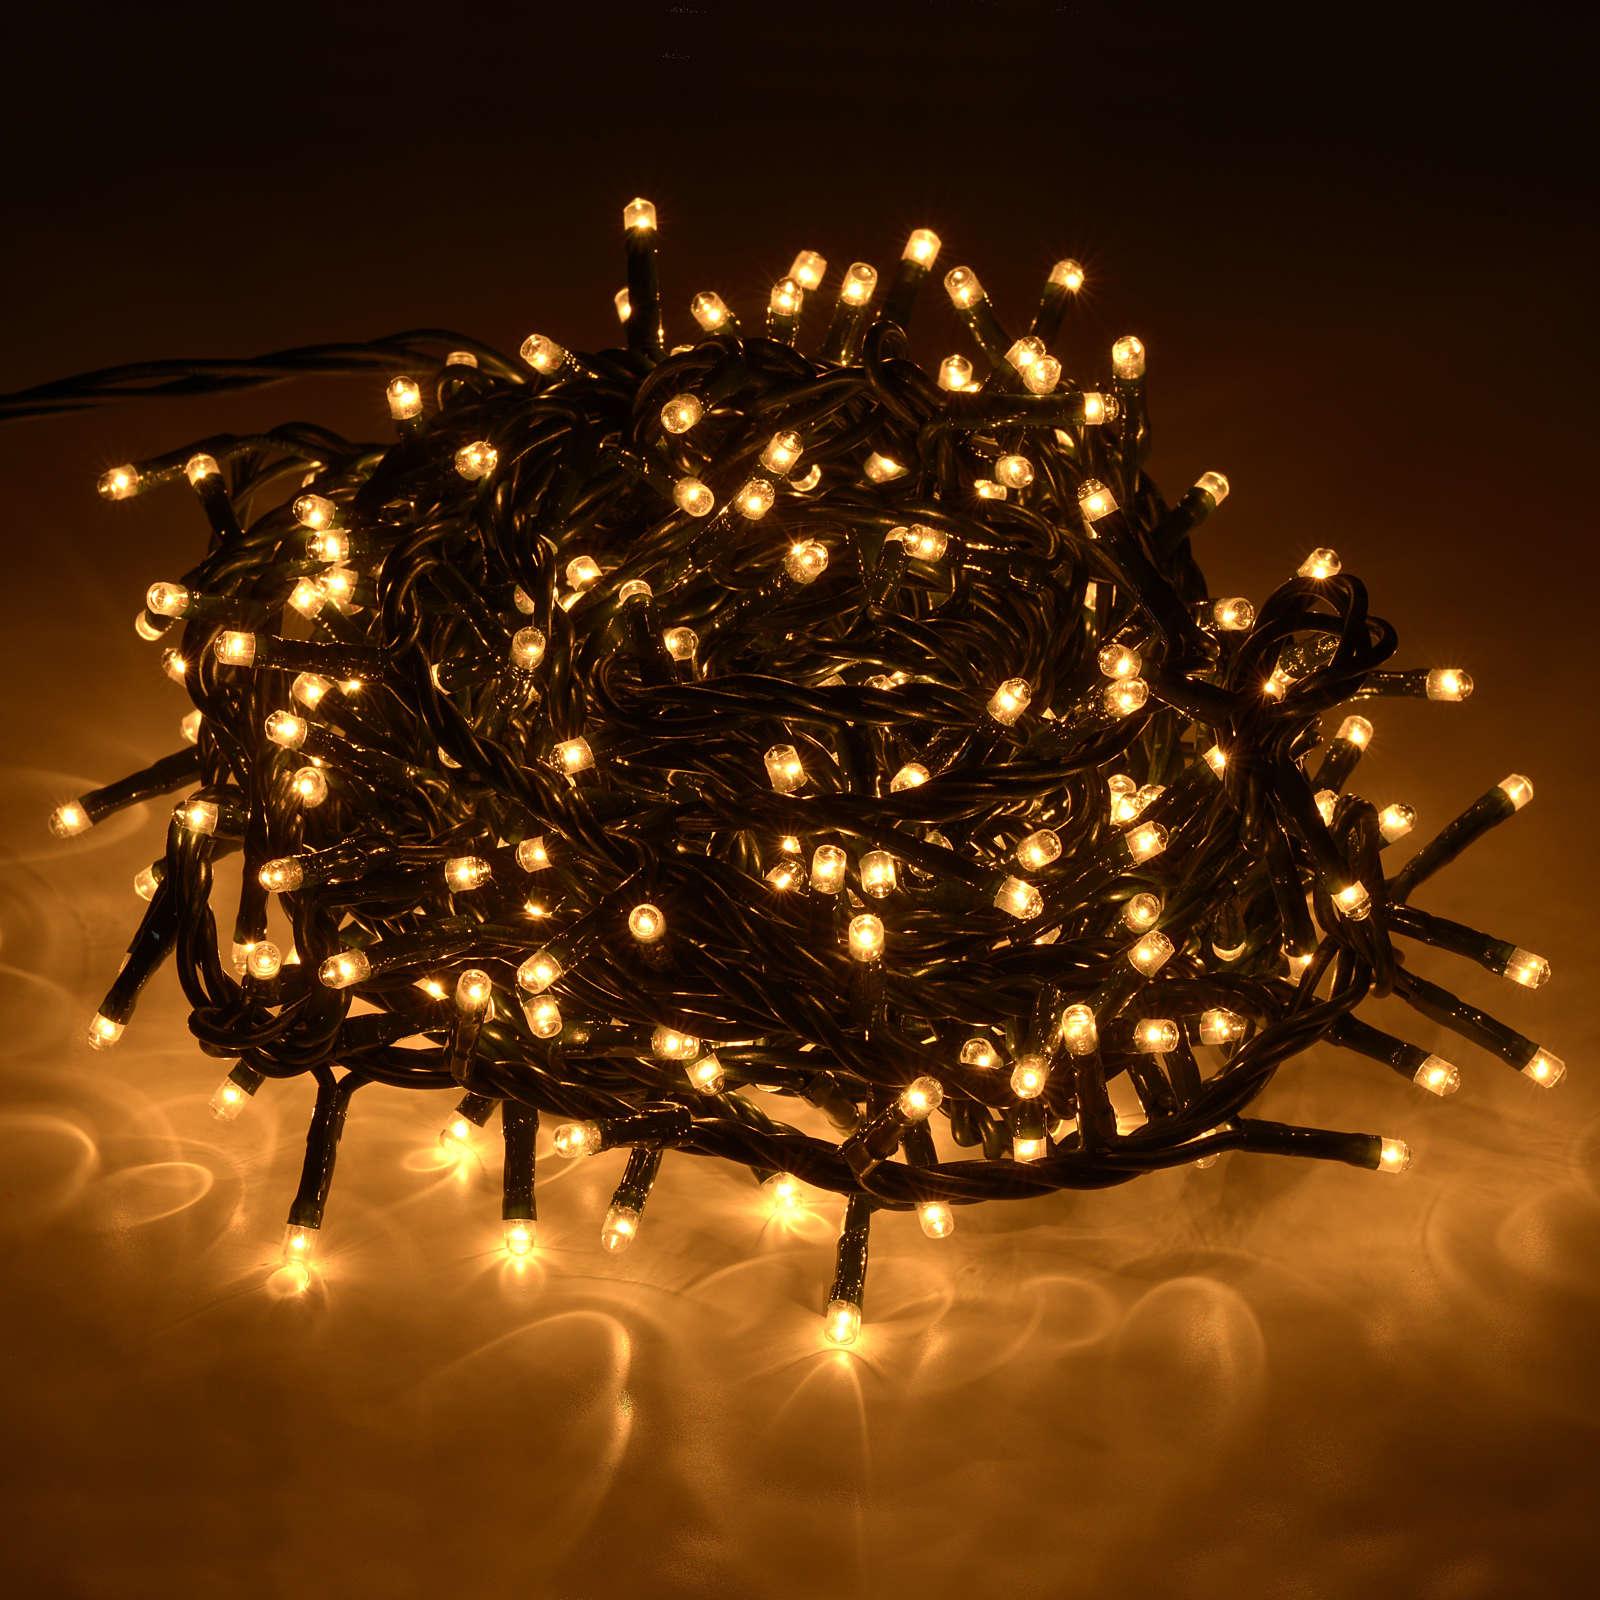 Luce natalizia 300 minilucciole chiare per interno 3